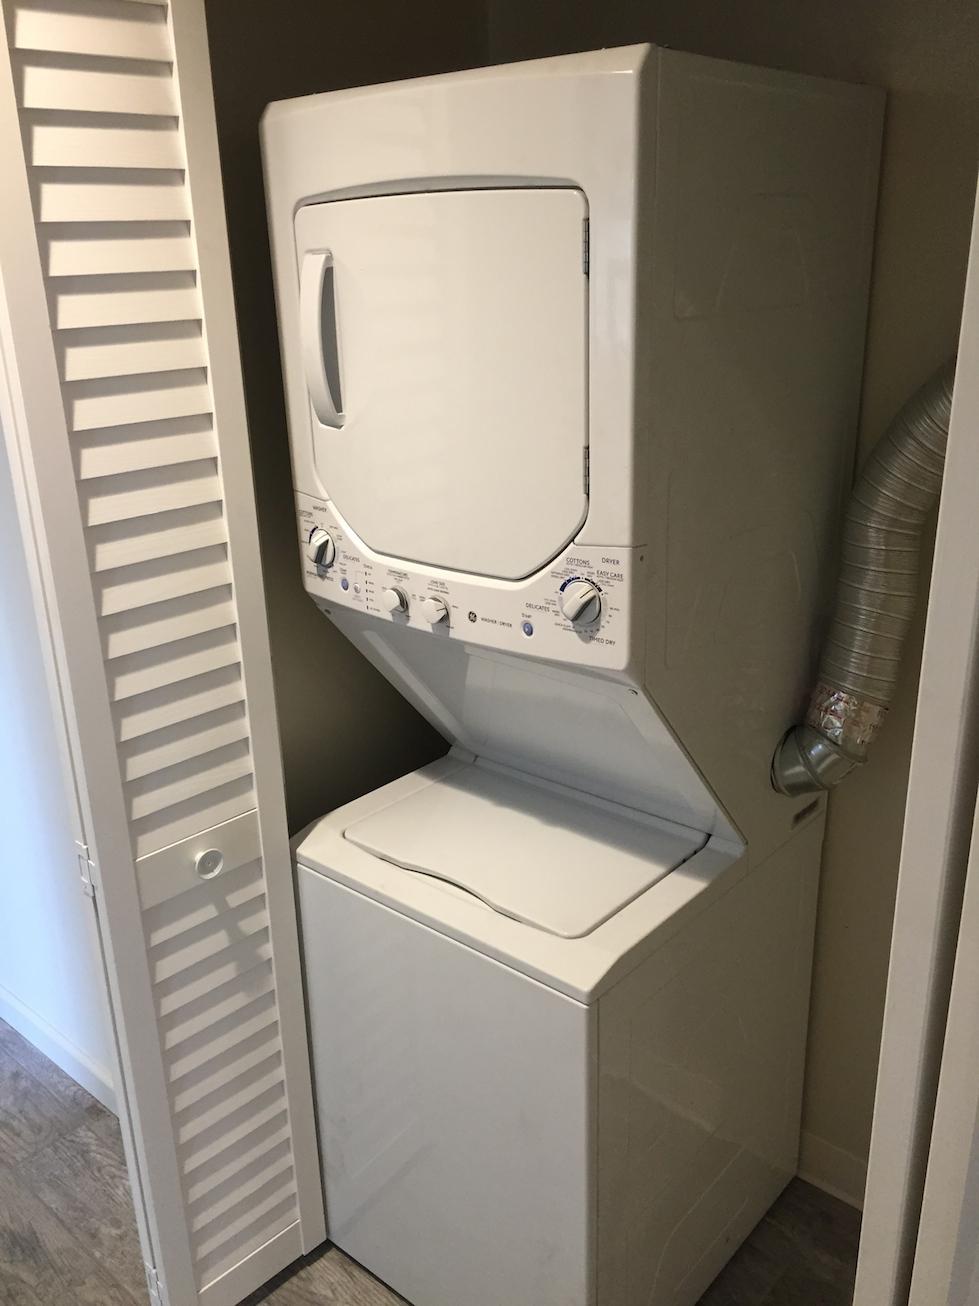 15519-washer-dryer-01.jpg